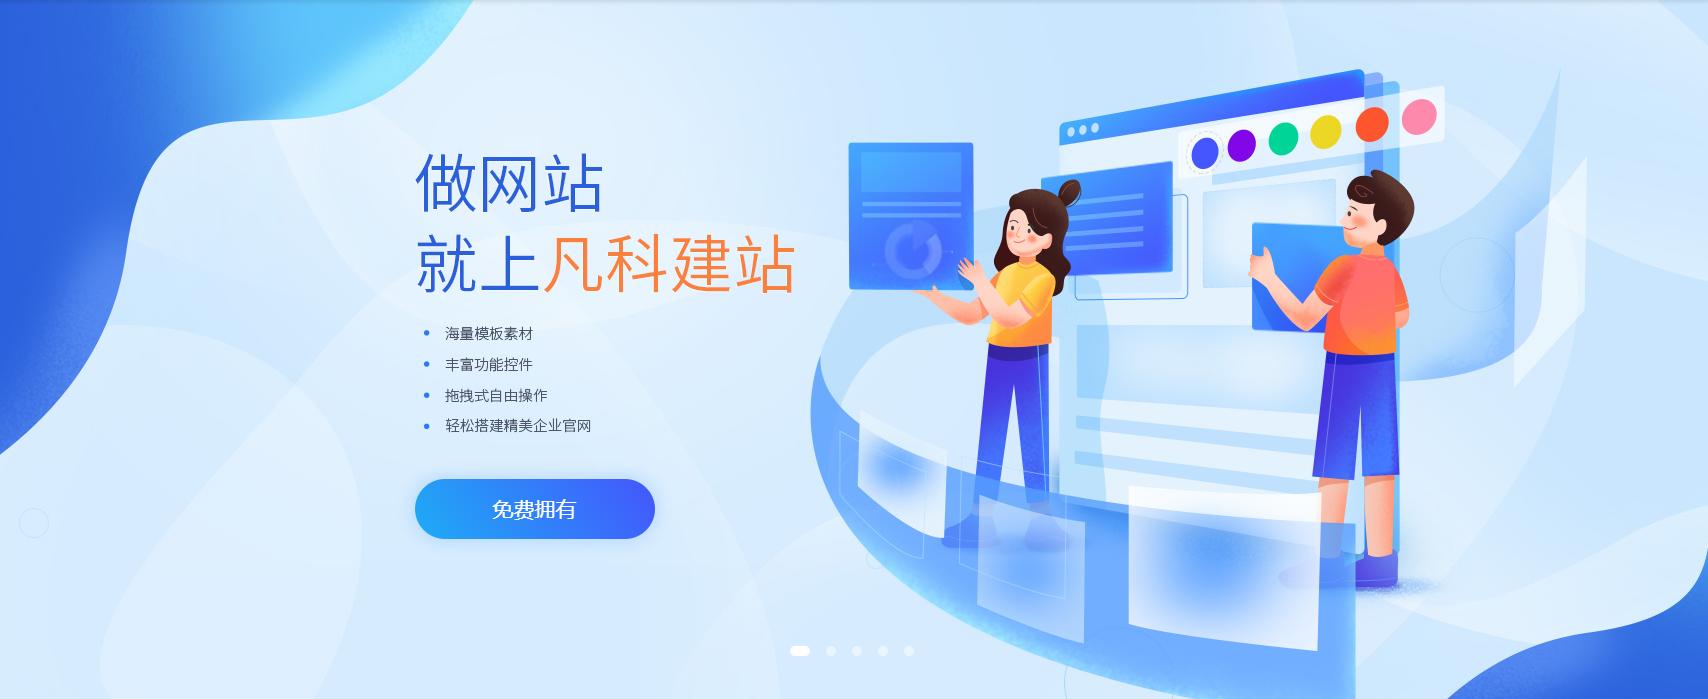 怎么创建一个外贸网站